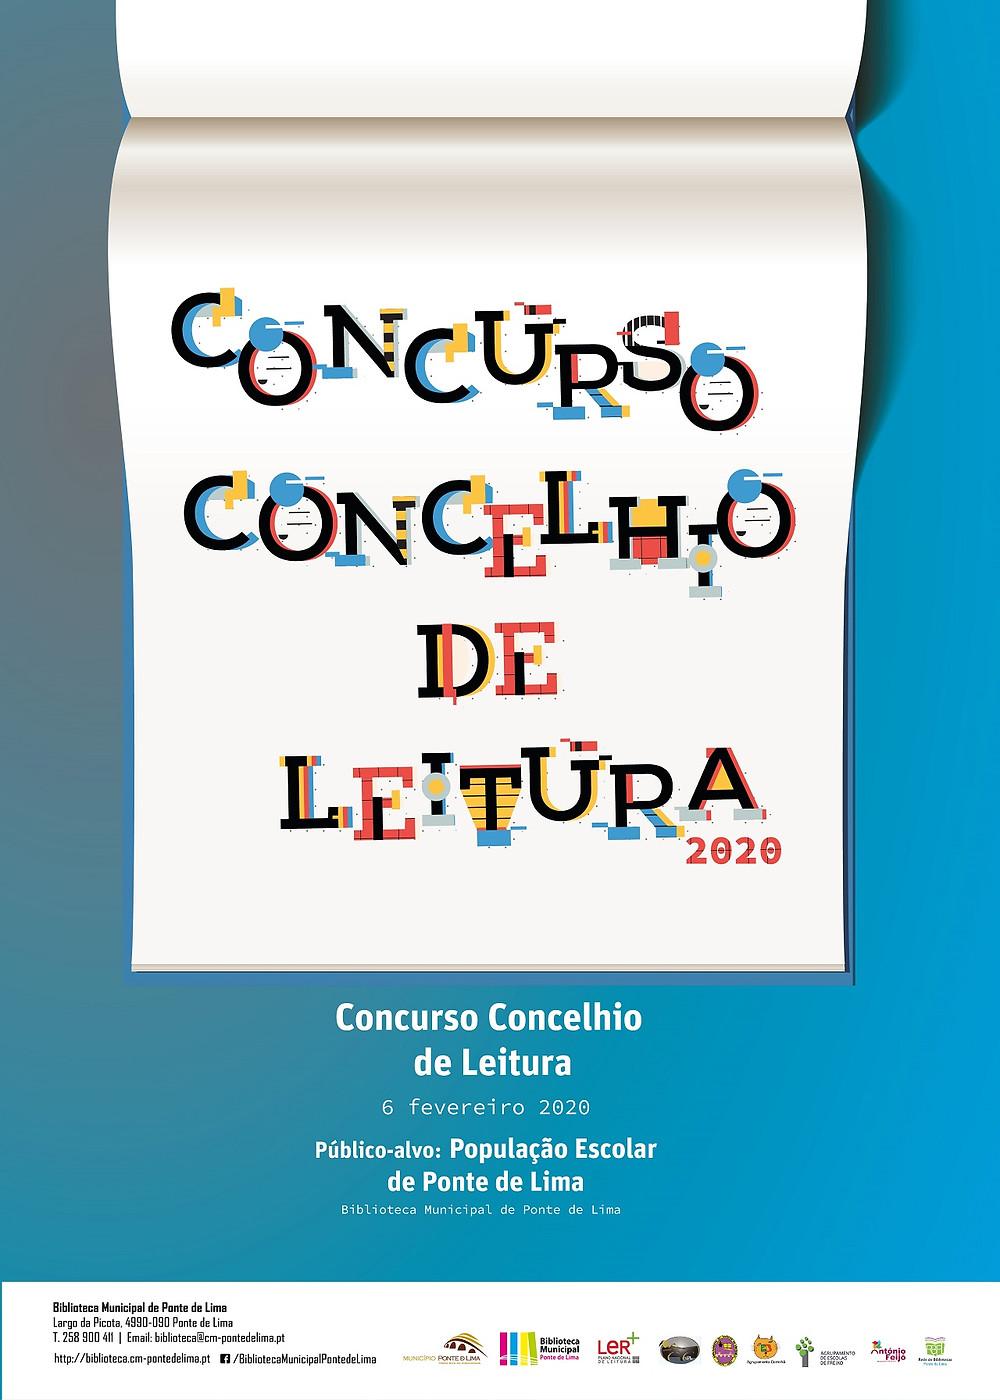 Concurso Concelhio de Leitura 2020 de Ponte de Lima